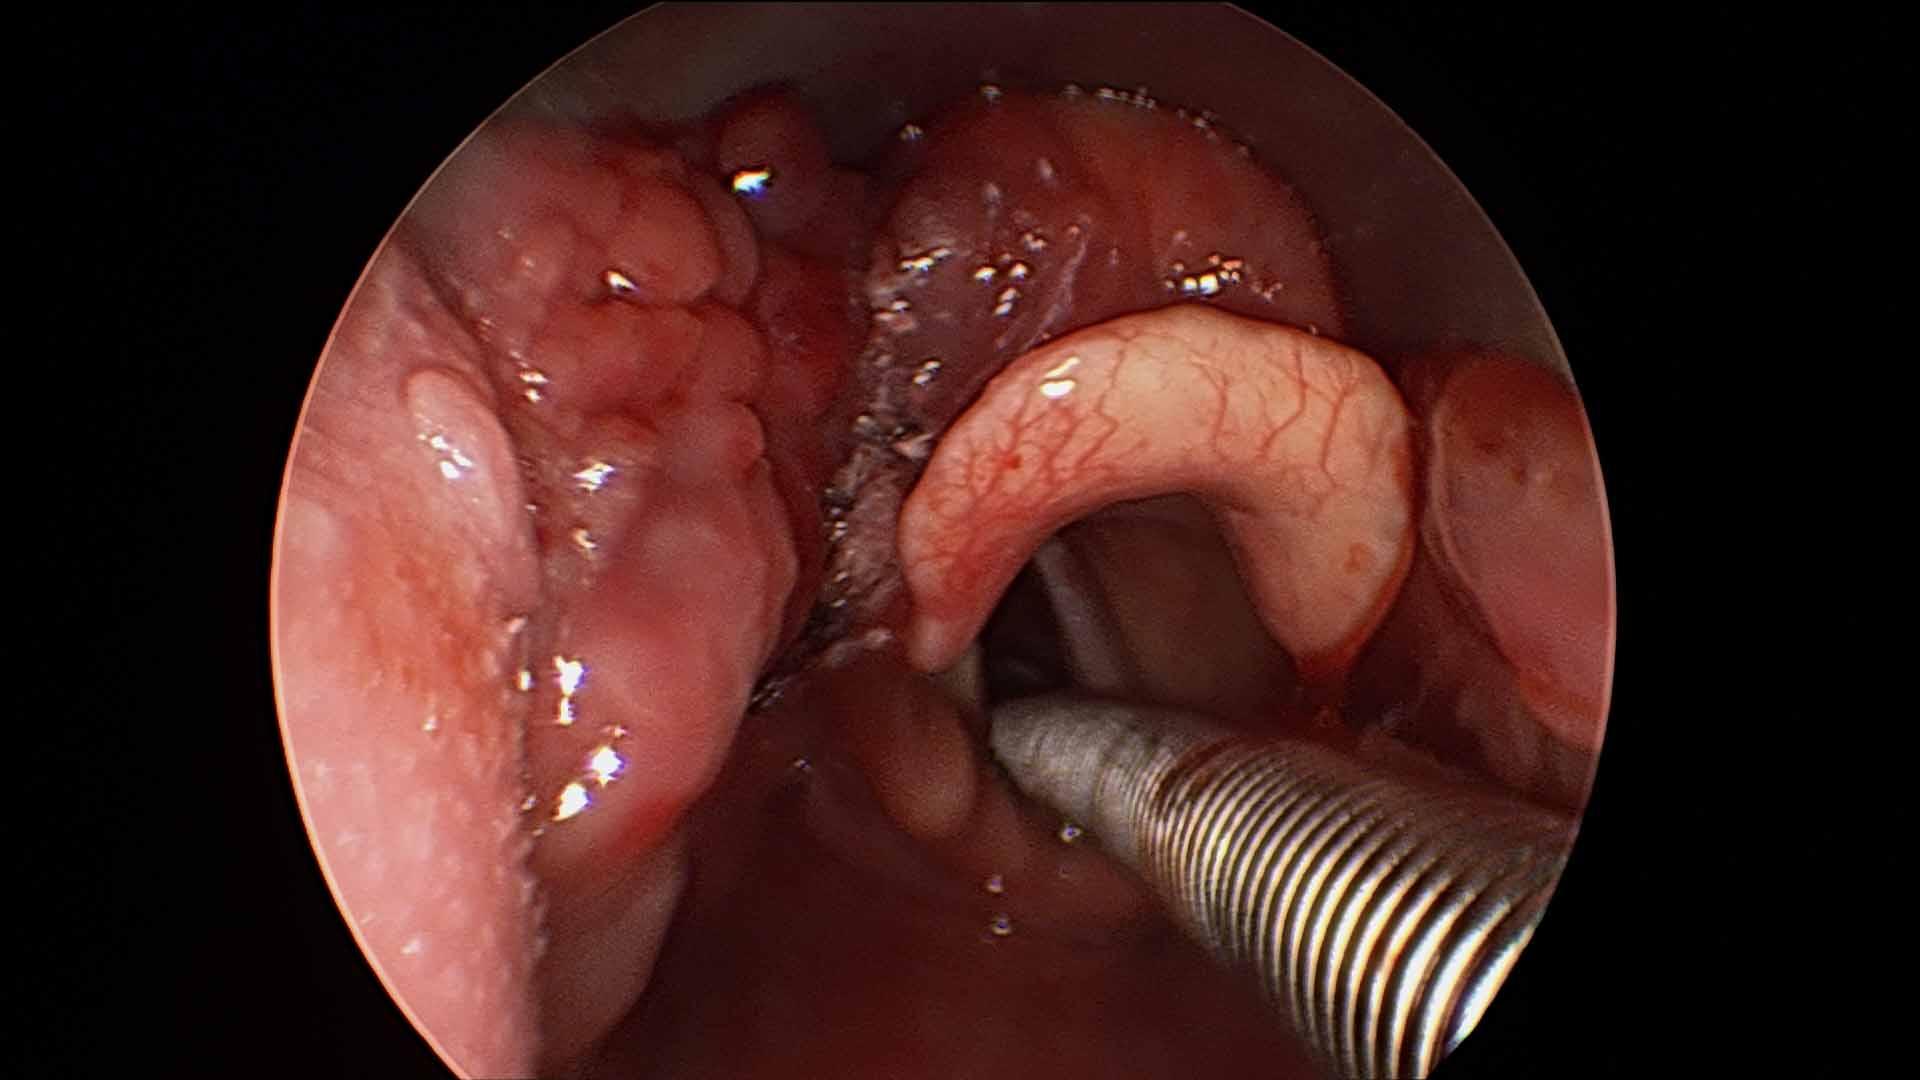 Vallecular Cyst Unusual Cause Of Lump In Throat Sensation Globus